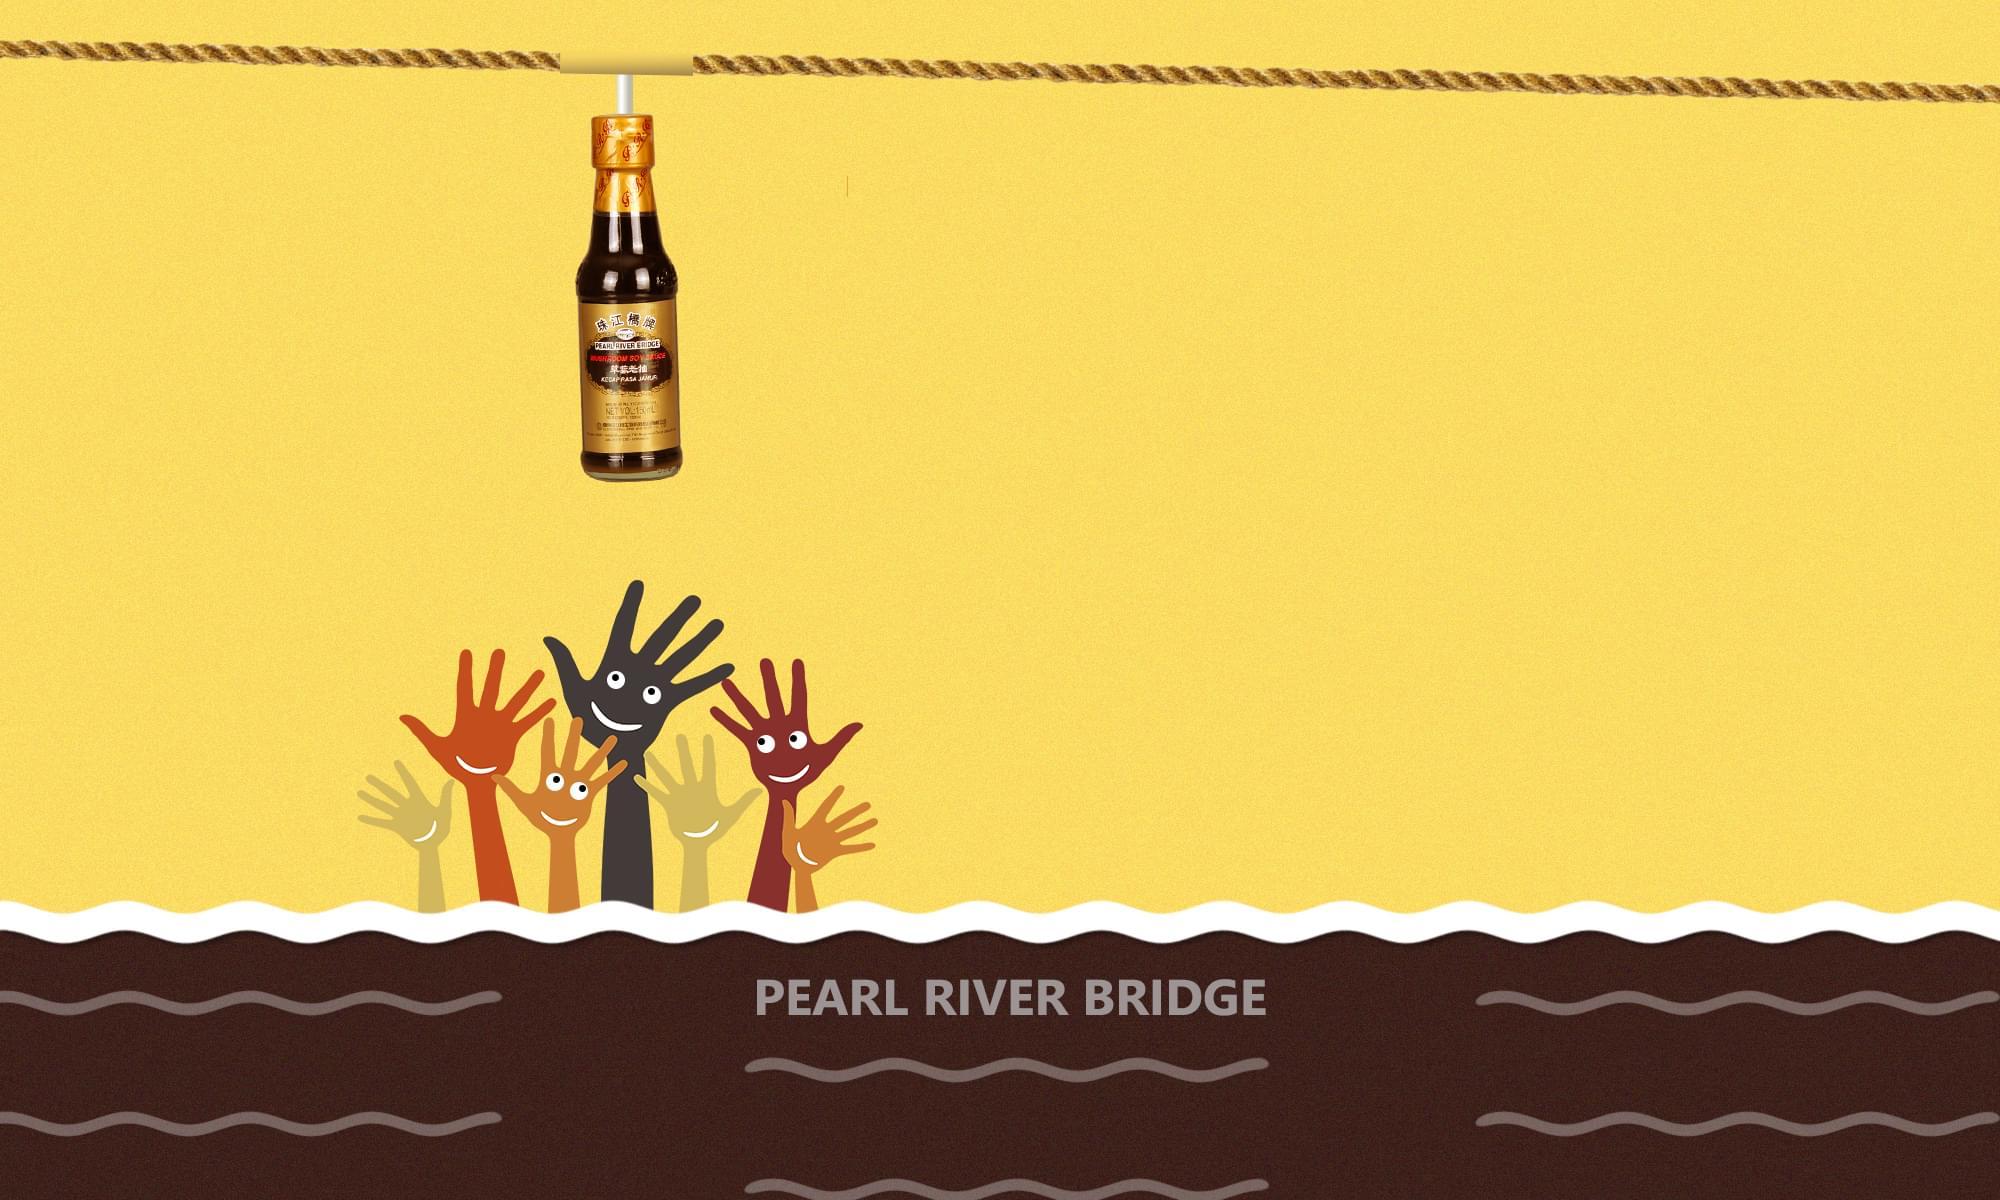 Prb Pearl River Bridge Soy Sauce In Peru